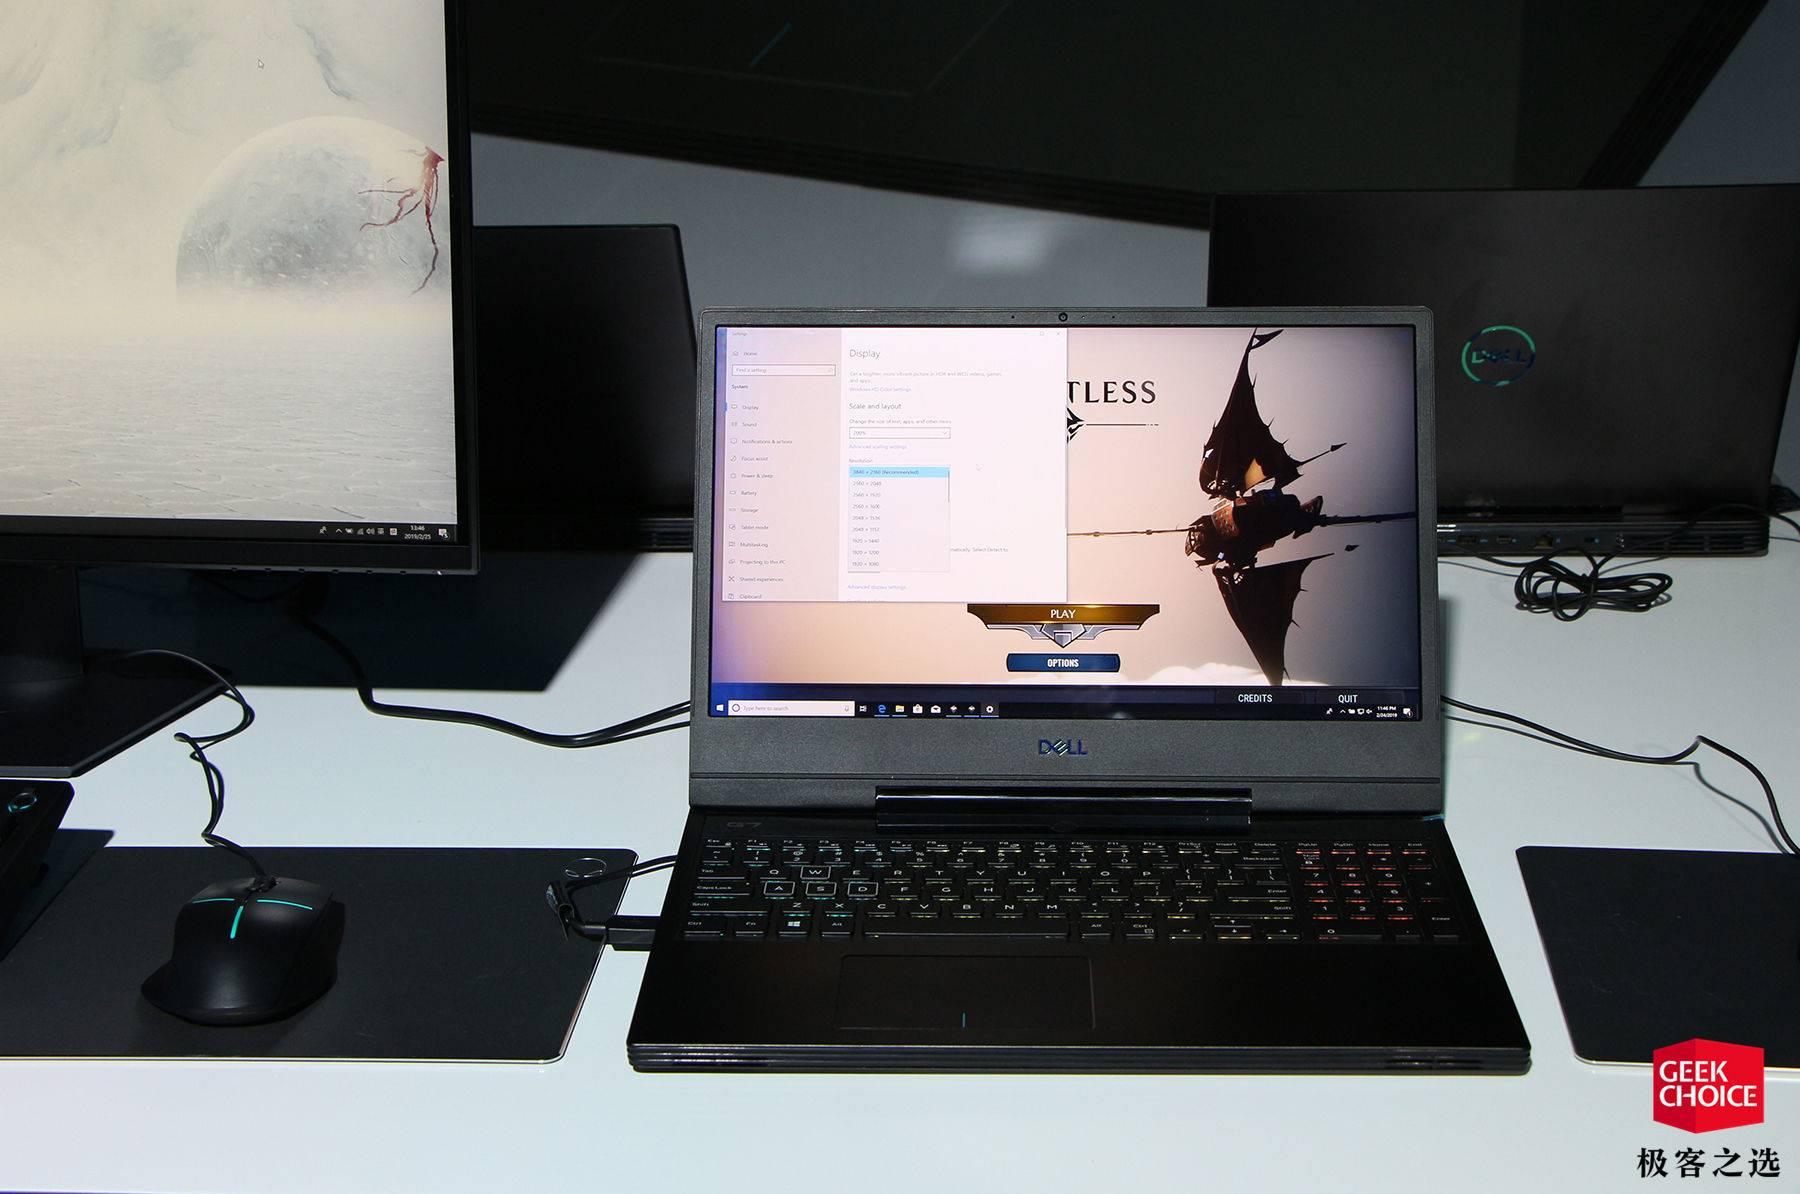 拥有桌面级处理器以及眼动追踪的外星人新品来了,这波信仰你充值吗?